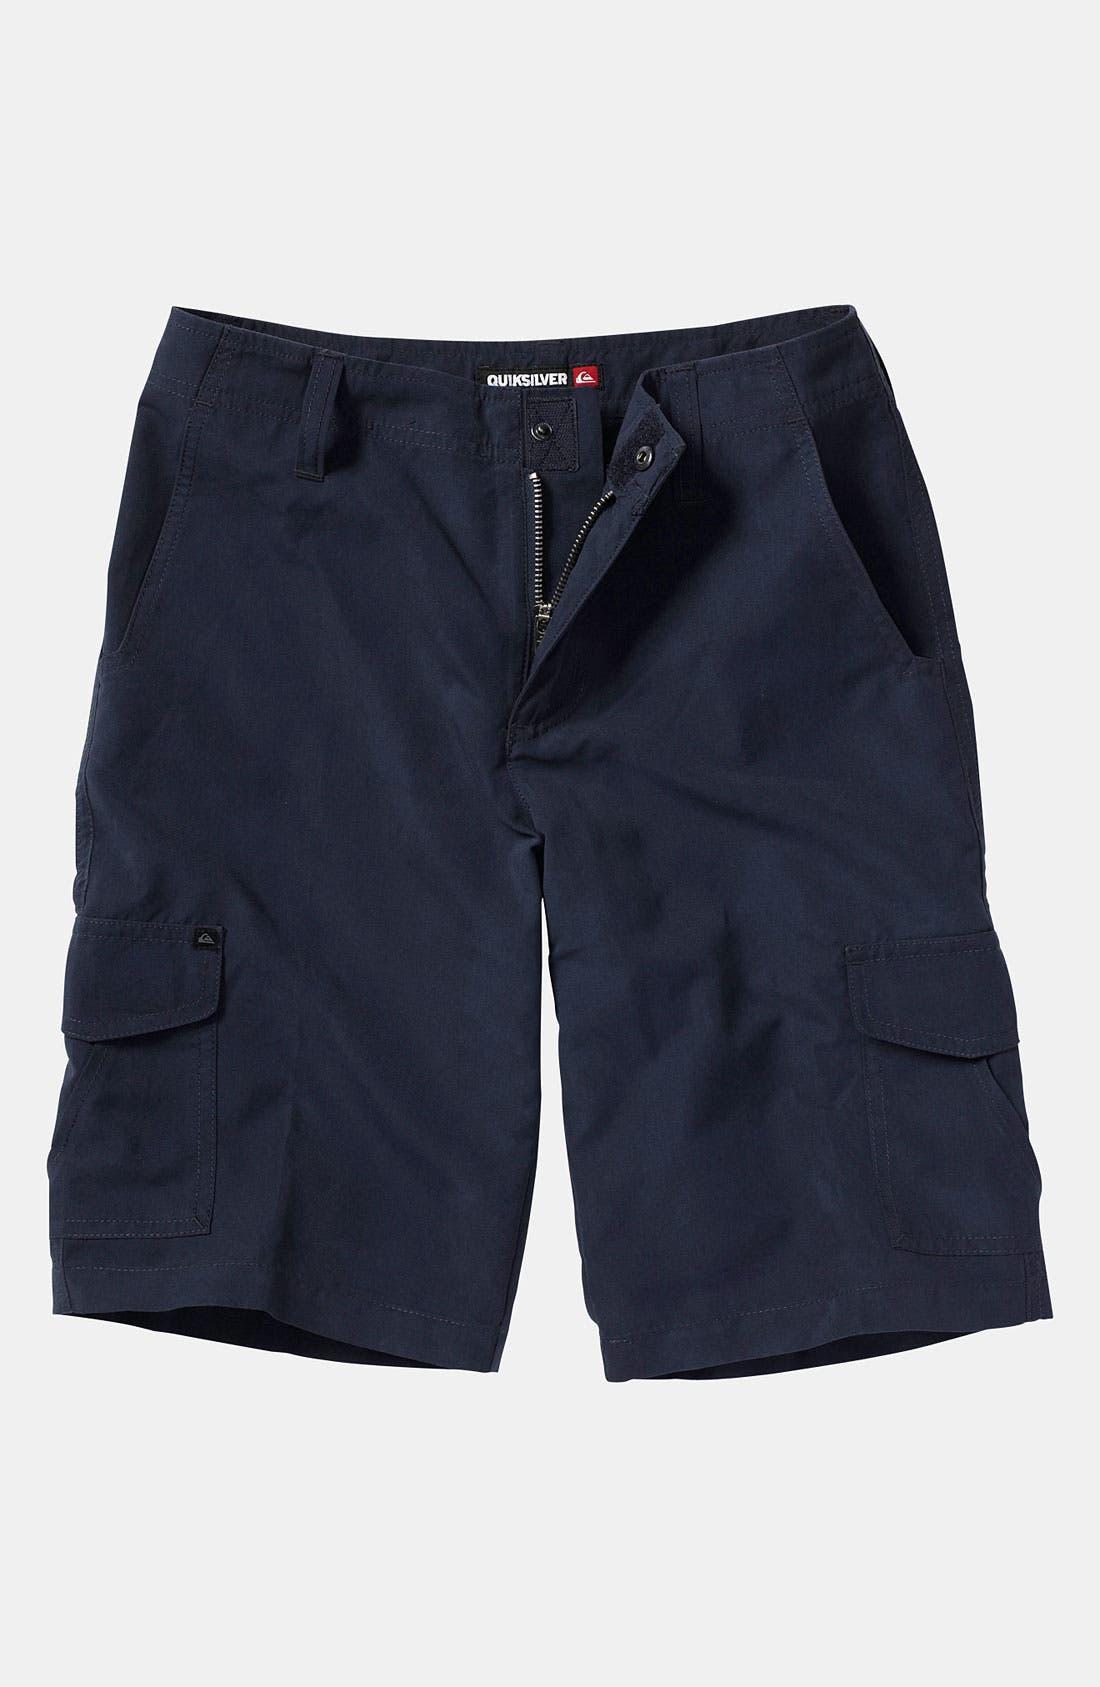 Main Image - Quiksilver 'Phofilled' Shorts (Infant)